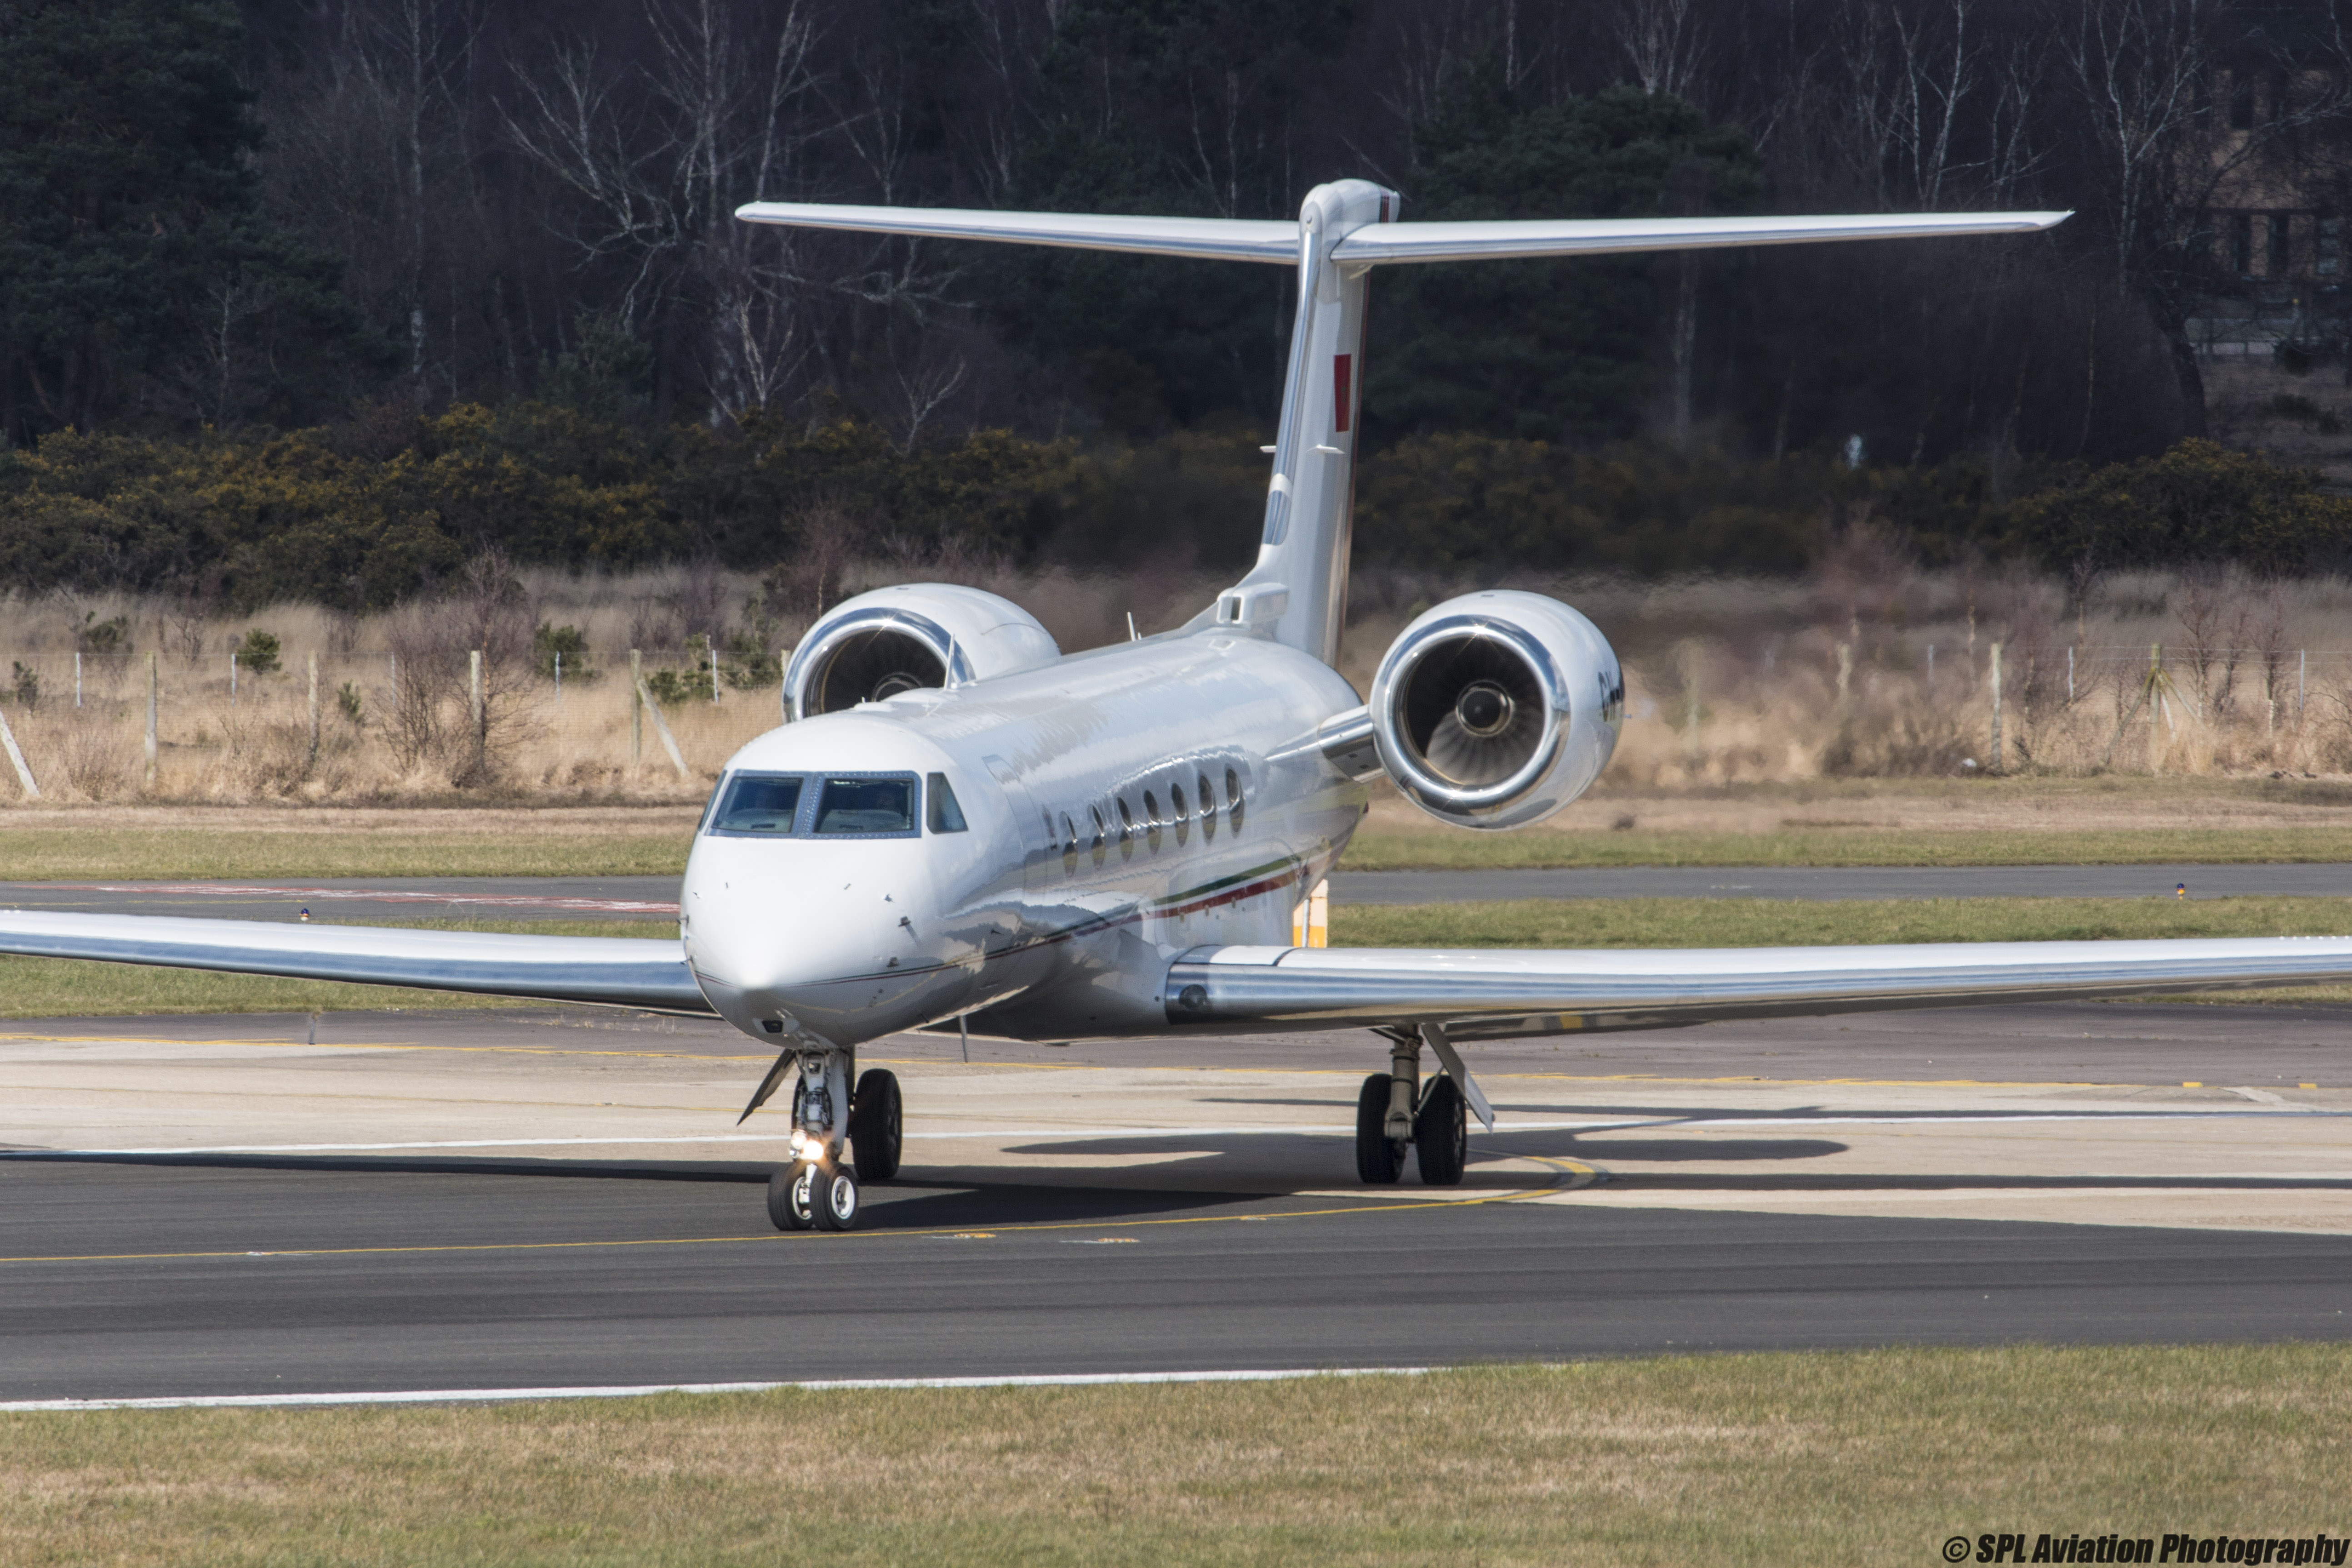 FRA: Avions VIP, Liaison & ECM - Page 12 25645901885_62141fb6d0_o